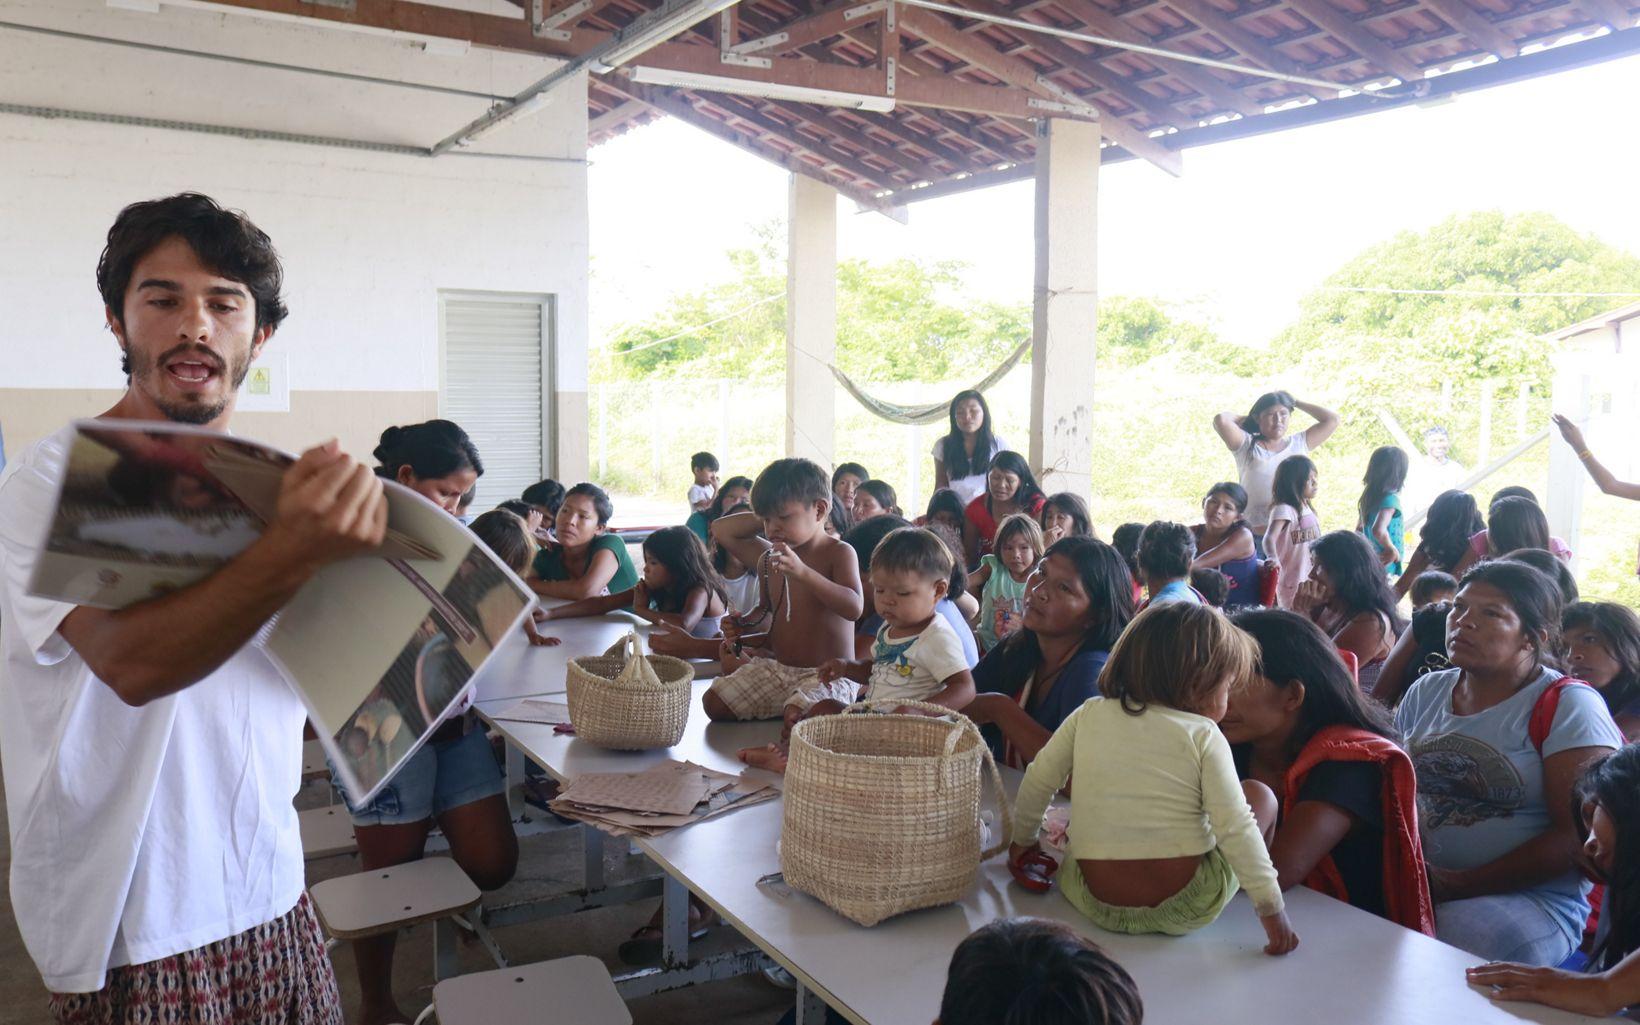 O designer Caio Esgario em oficina com as mulheres artesãs do povo Parakanã para desenvolvimento da identidade visual e catálogo de produtos.